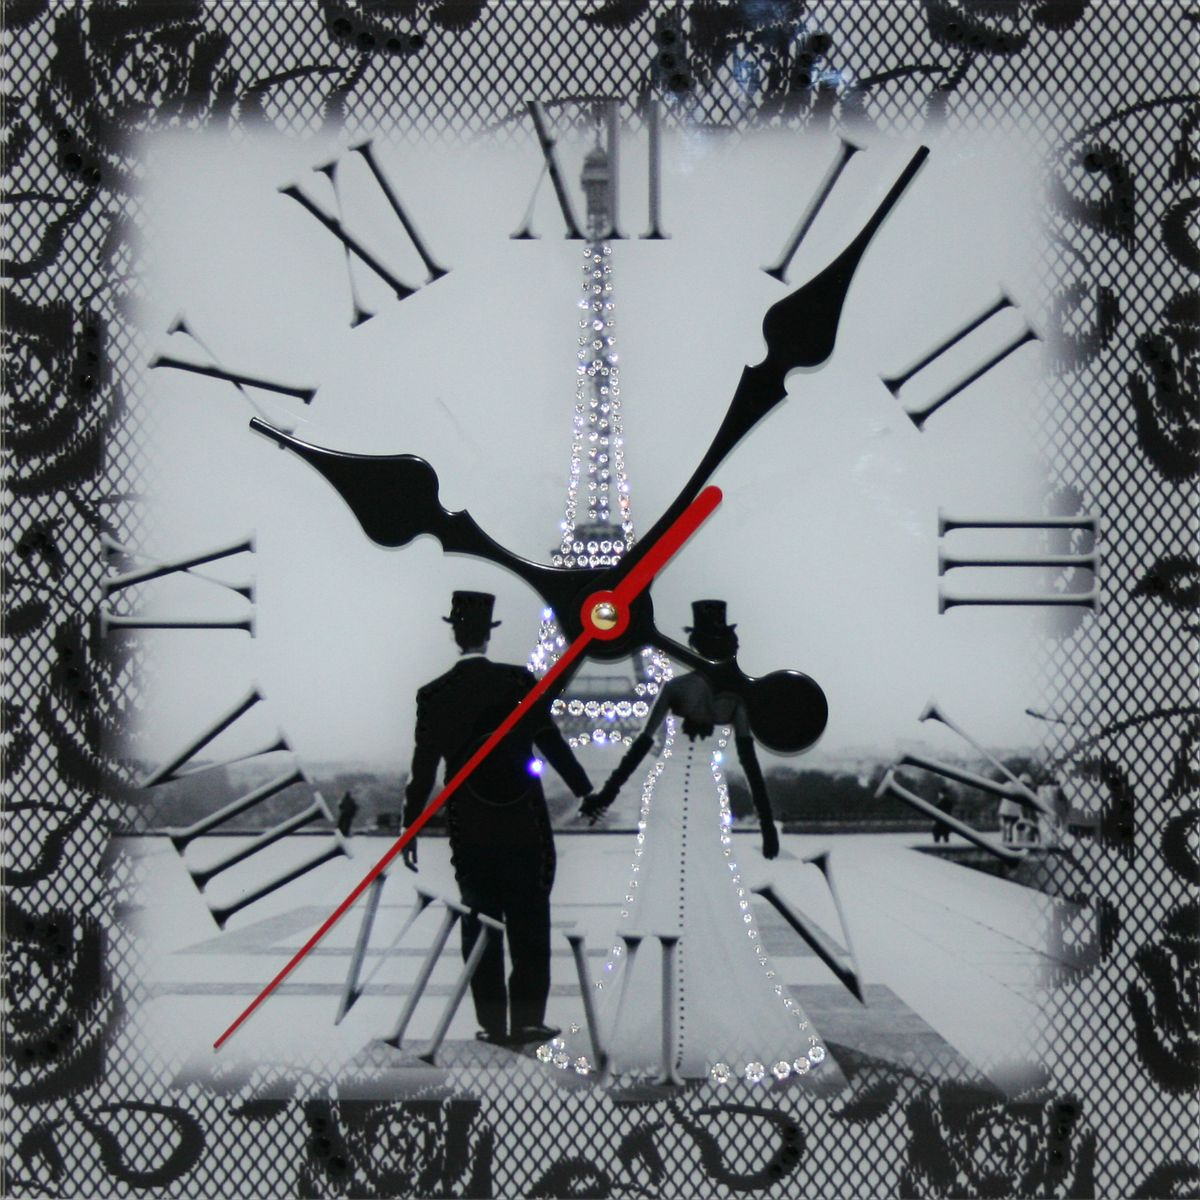 1656 Часы СваровскиСвадебный Париж1656Часы без багета, инкрустированные кристалами Сваровски.